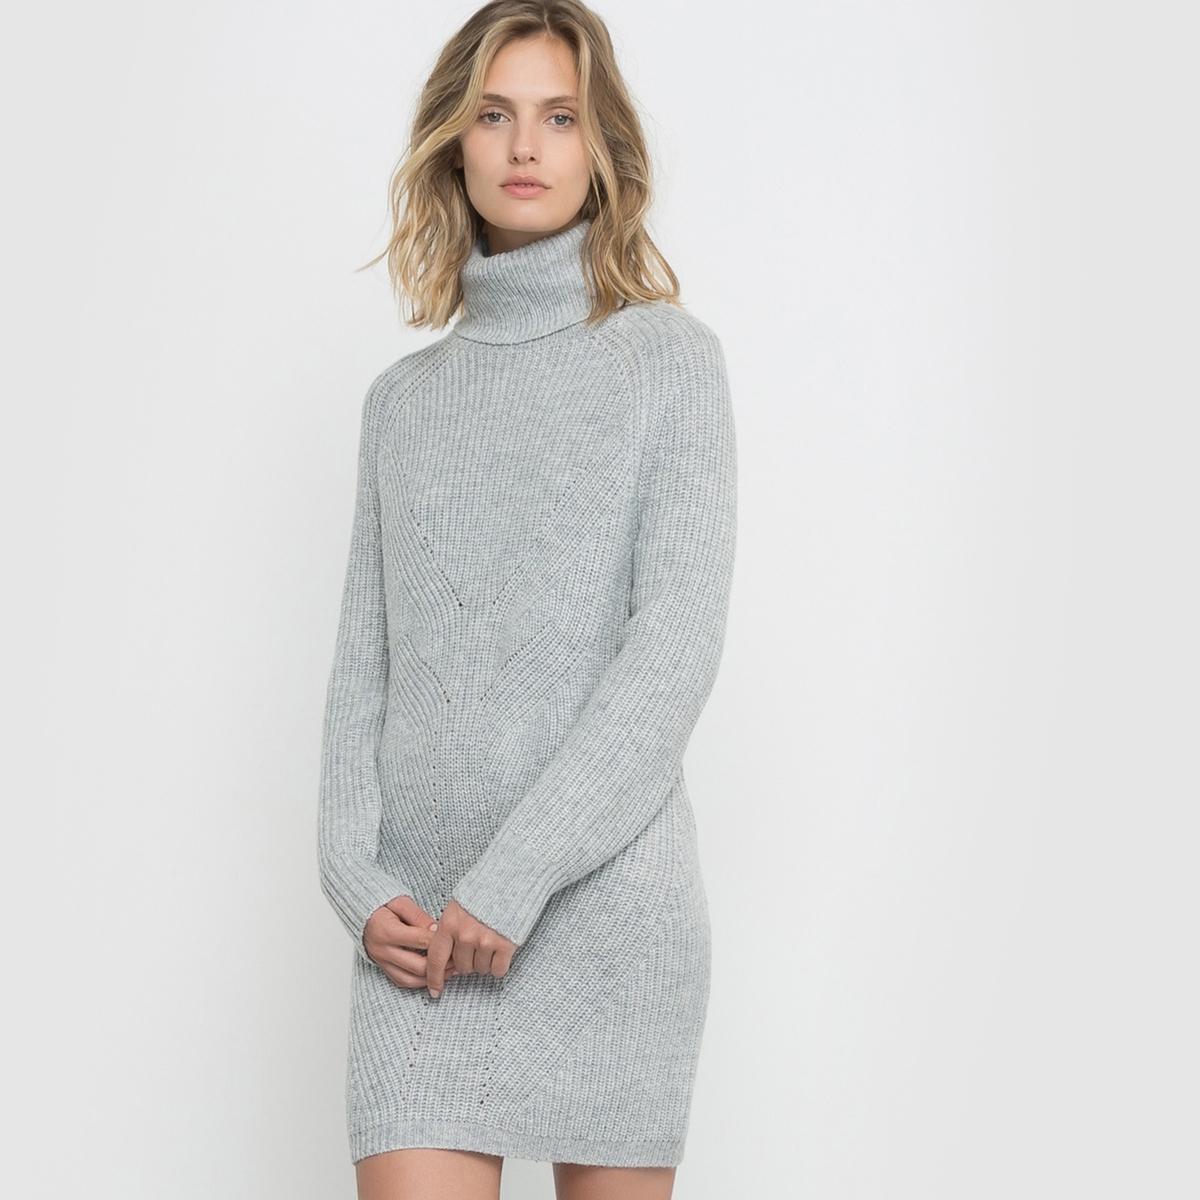 Платье-пуловерПлатье-пуловер. Оригинальный трикотаж. Высокий воротник. Длинные рукава.Состав и описание : Материал          трикотаж 40% полиамида, 33% акрила, 22% шерсти, 5% альпакиДлина       80 смМарка          R studioУход :Машинная стирка при 30 °CМашинная сушка в умеренном режиме<br><br>Цвет: серый меланж,черный<br>Размер: 42/44 (FR) - 48/50 (RUS).46/48 (FR) - 52/54 (RUS).38/40 (FR) - 44/46 (RUS)